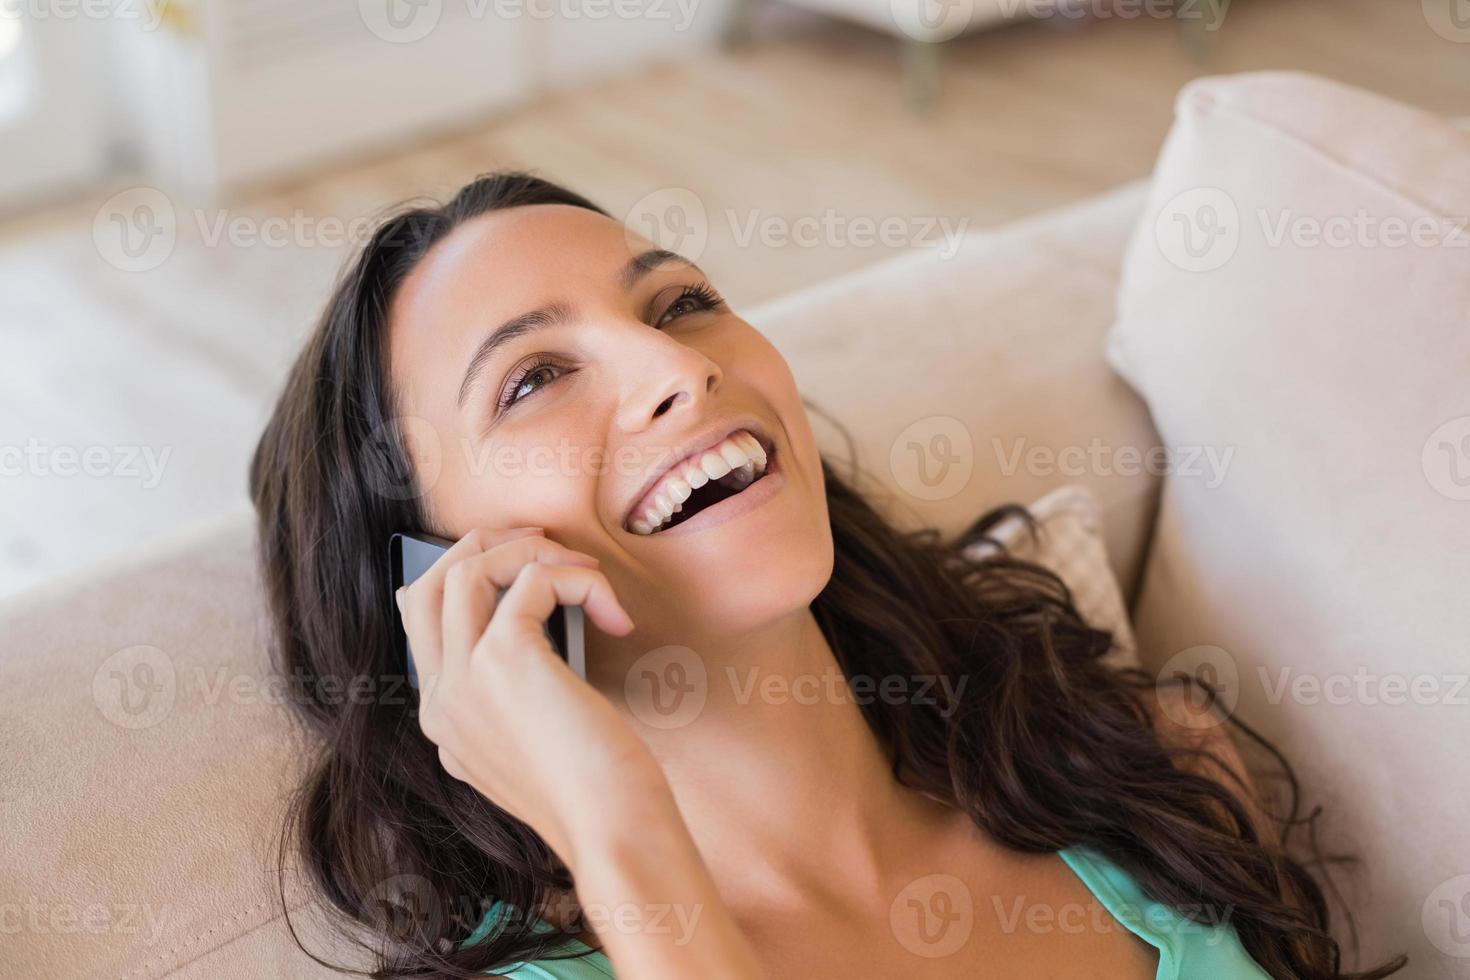 bella mora chiama con il suo cellulare foto